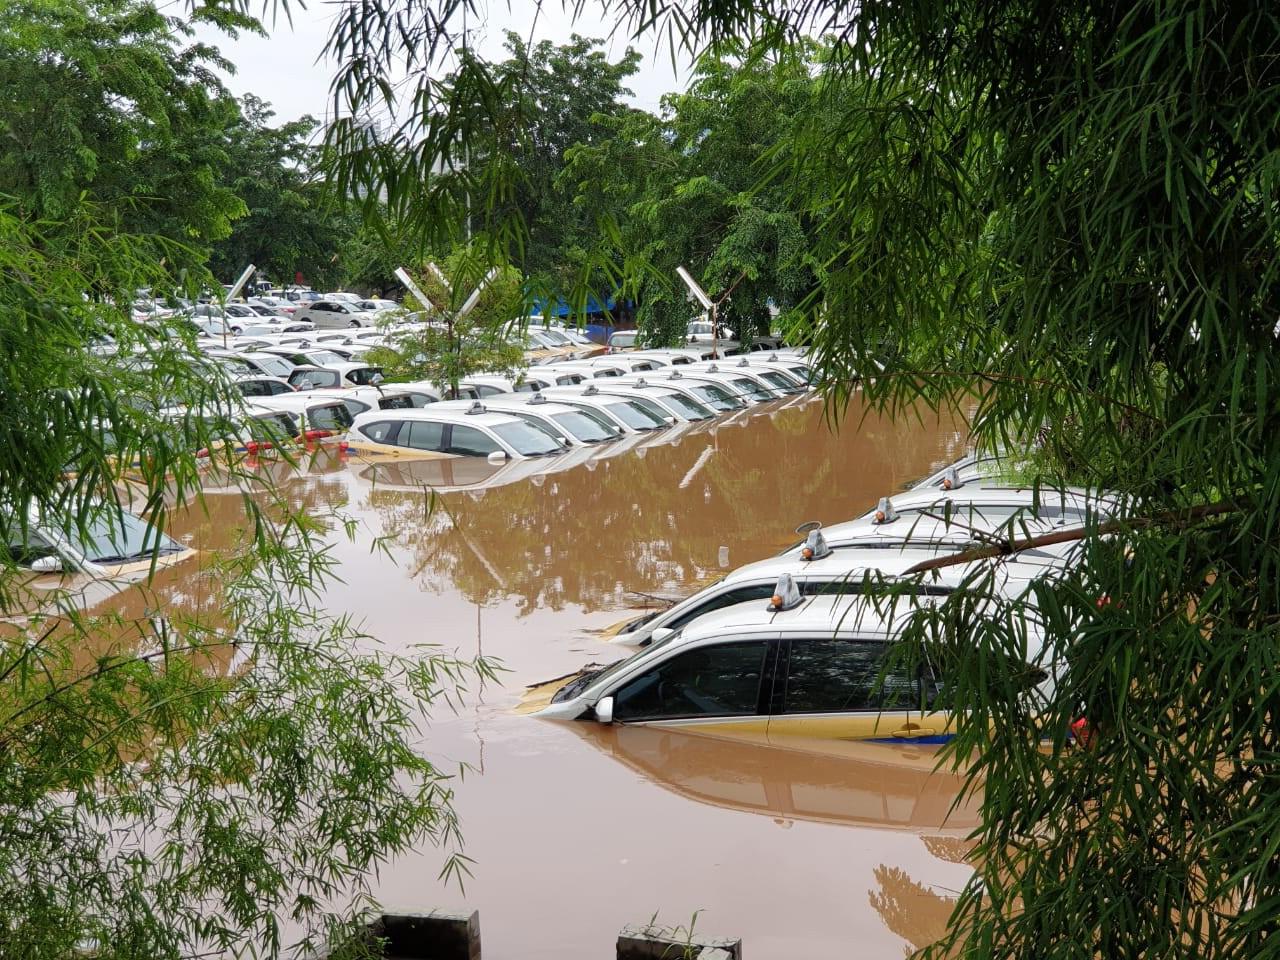 La capitale indonésienne touchée par les inondations plus de 1 000 personnes évacuées